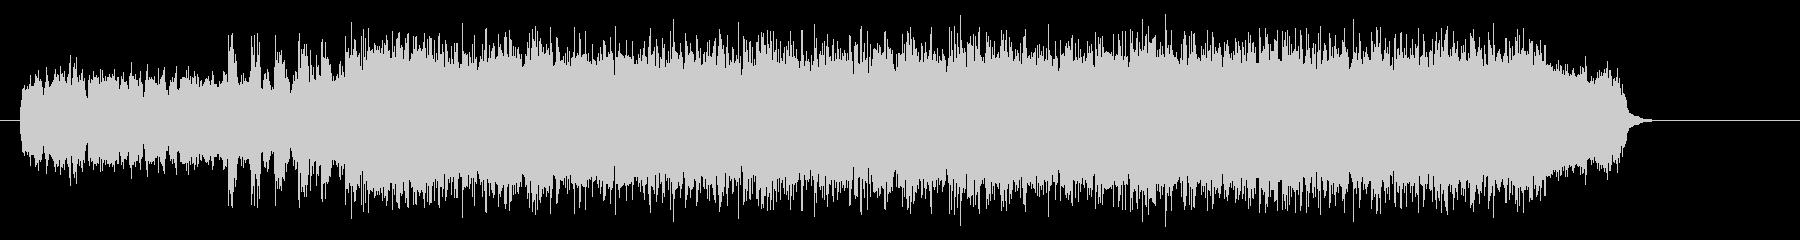 ハイボルテージのコンプリートハードロックの未再生の波形